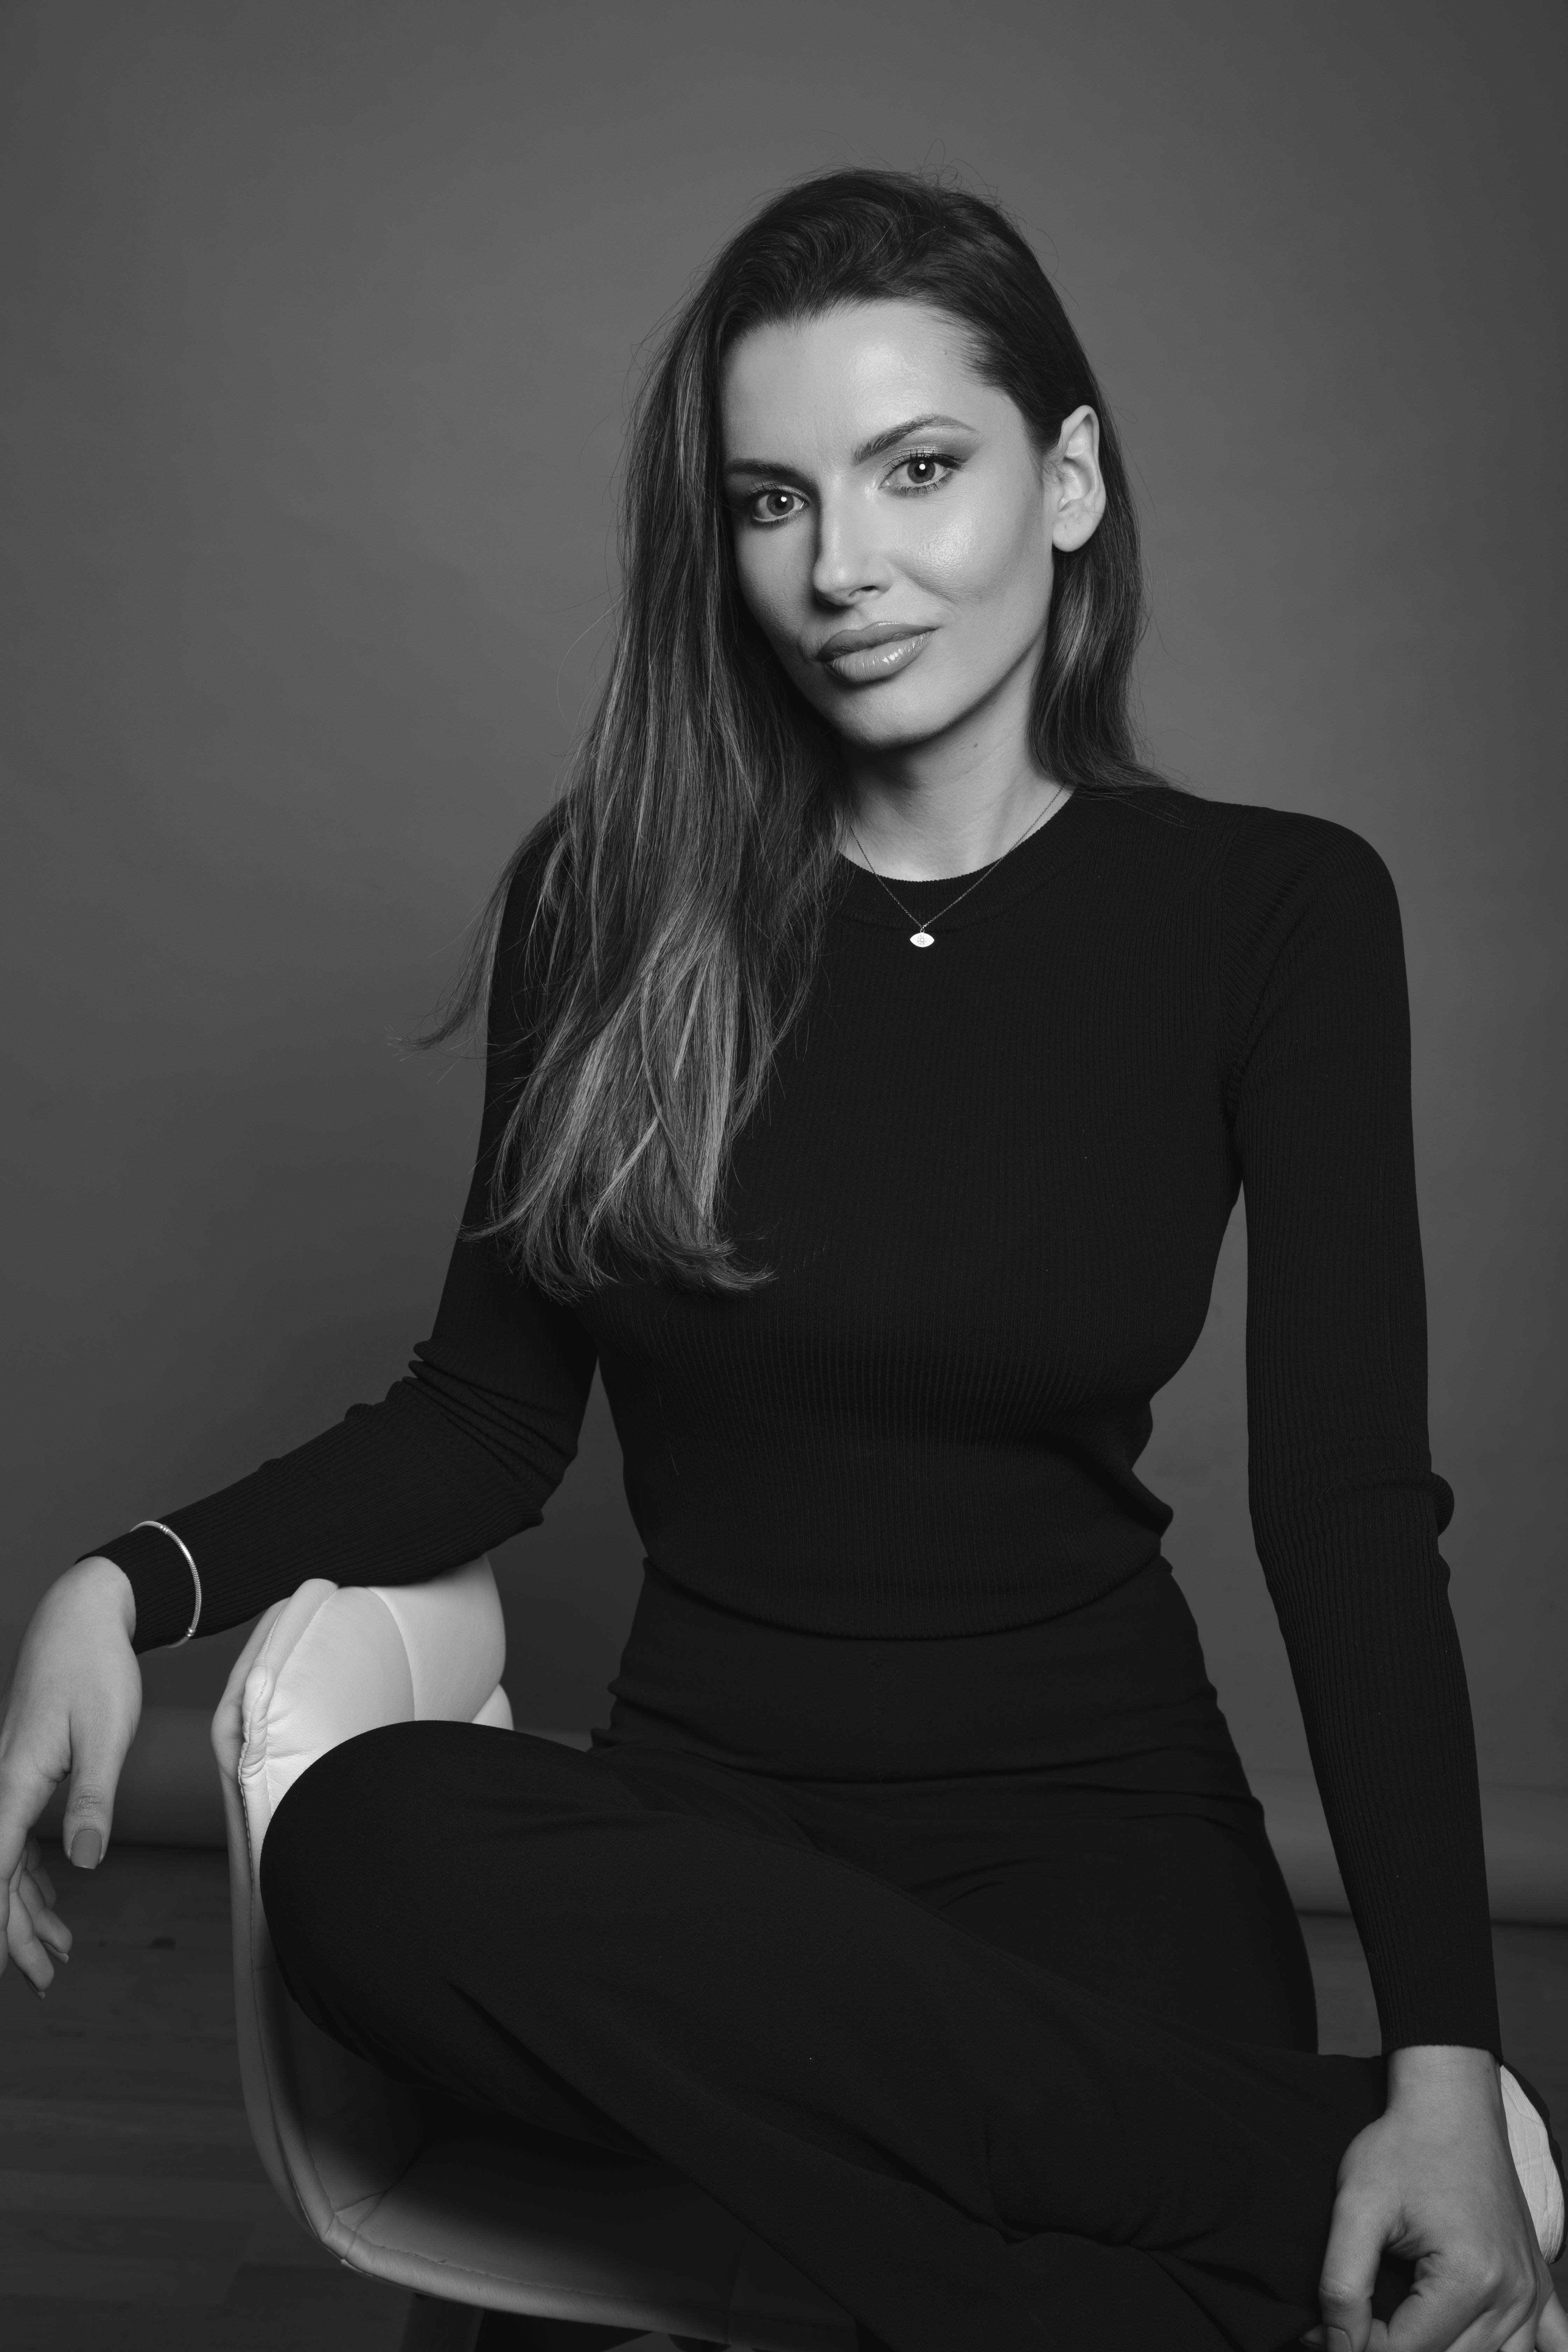 Dejana Vukobratović